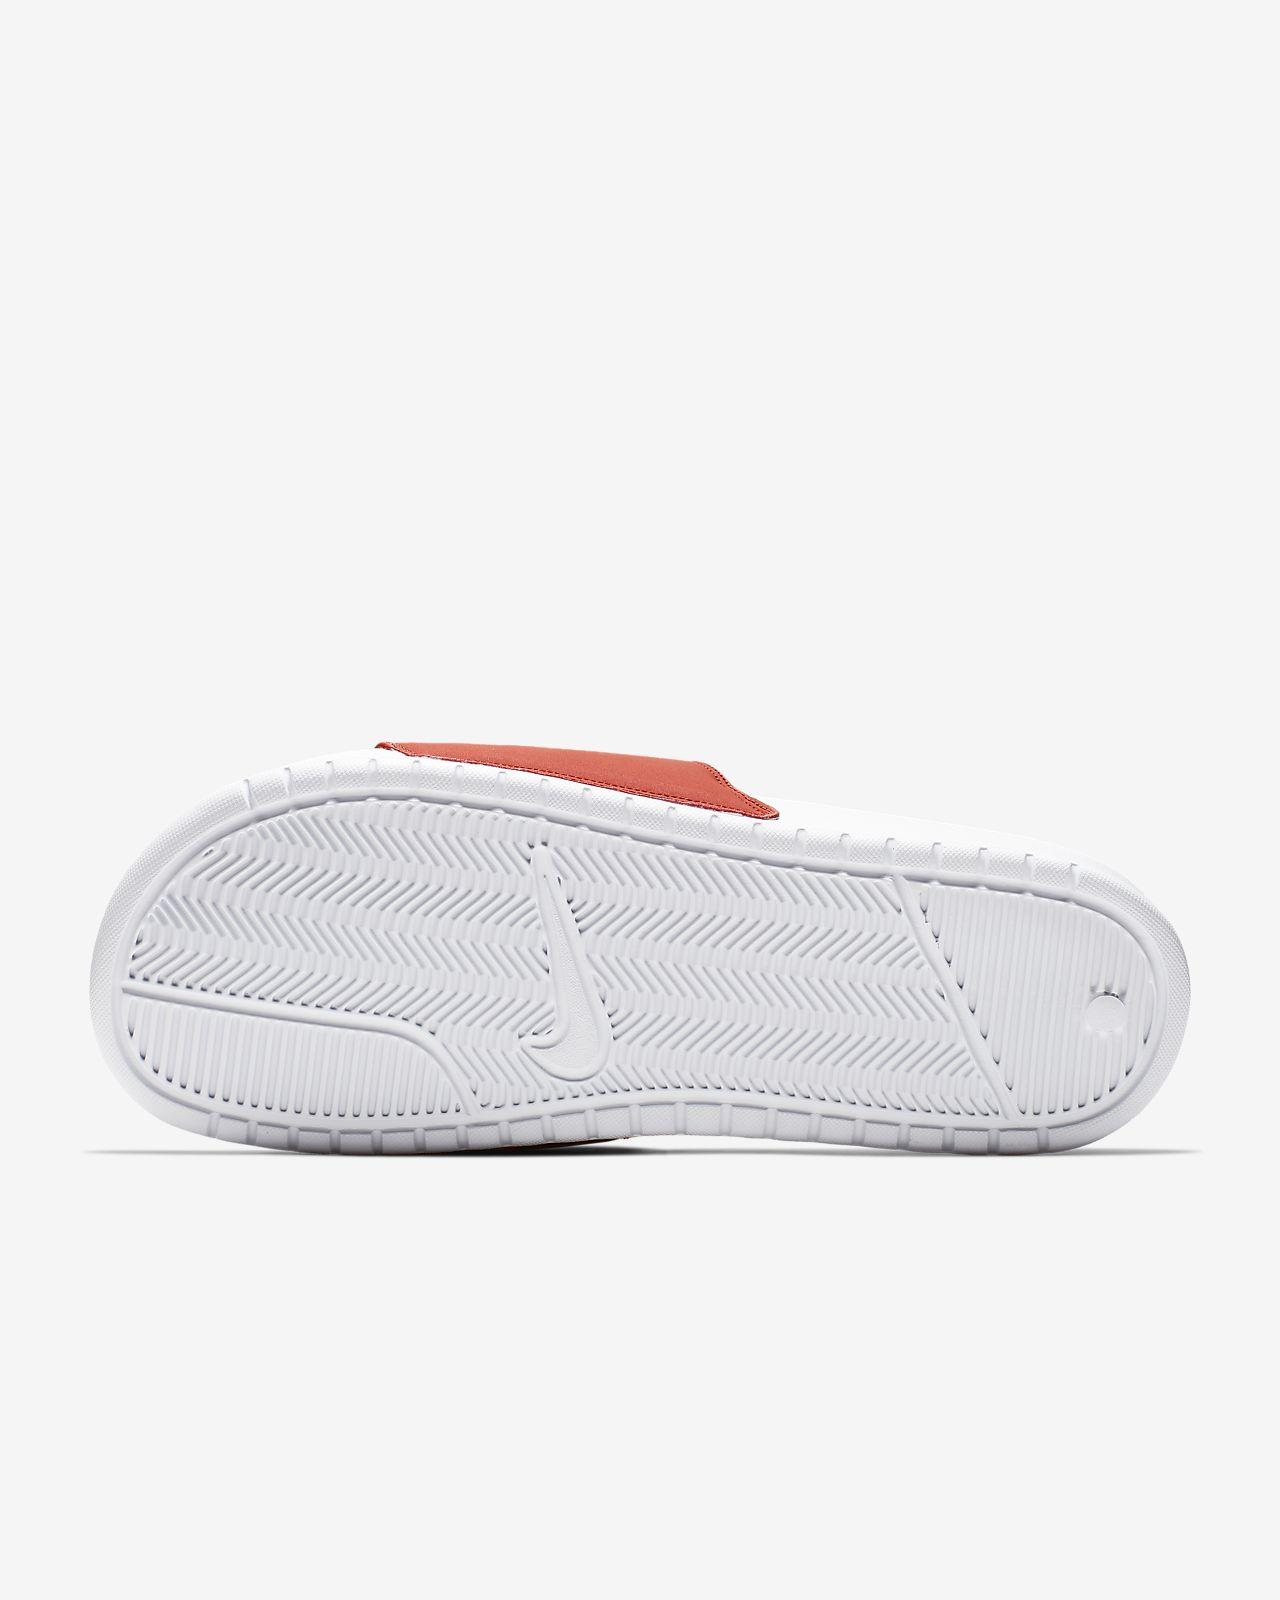 d09a6ff11 Low Resolution Nike Benassi Slide Nike Benassi Slide